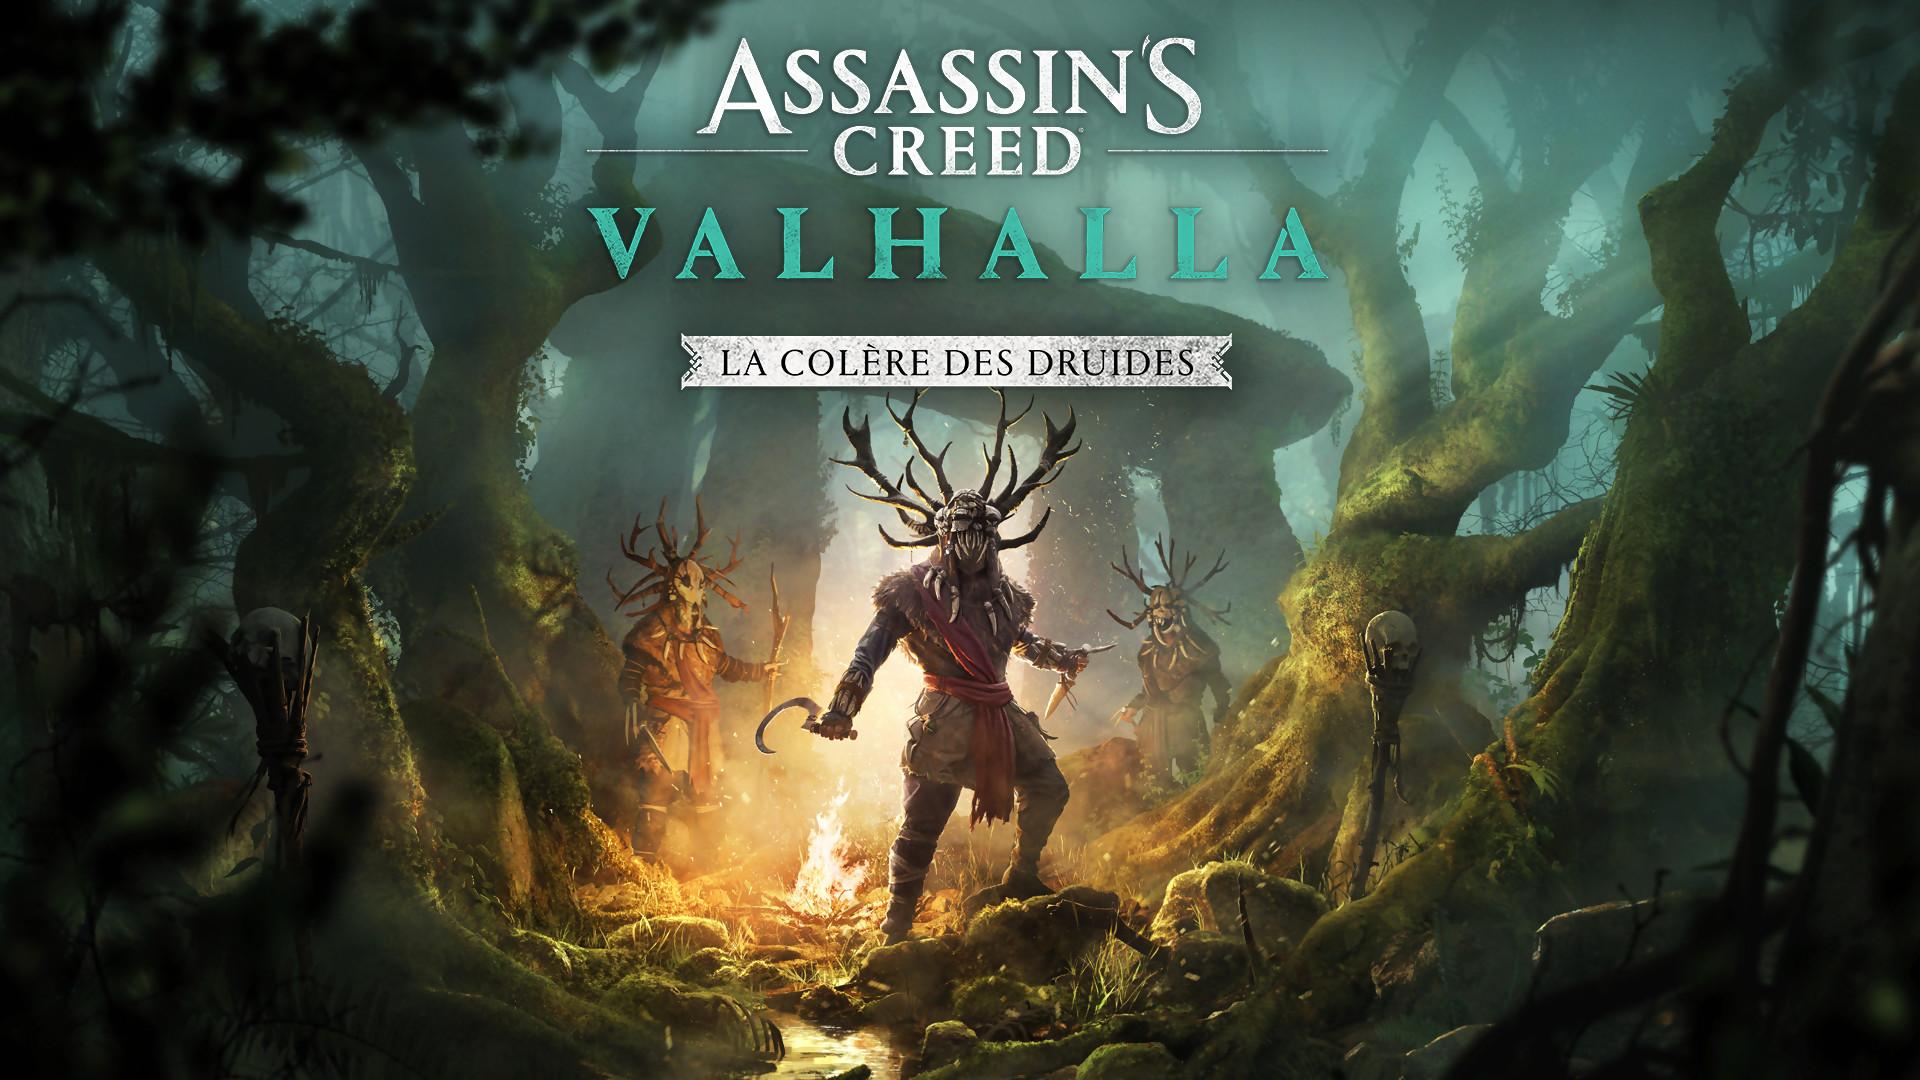 Assassin's Creed Valhalla détaille déjà son contenu post-lancement